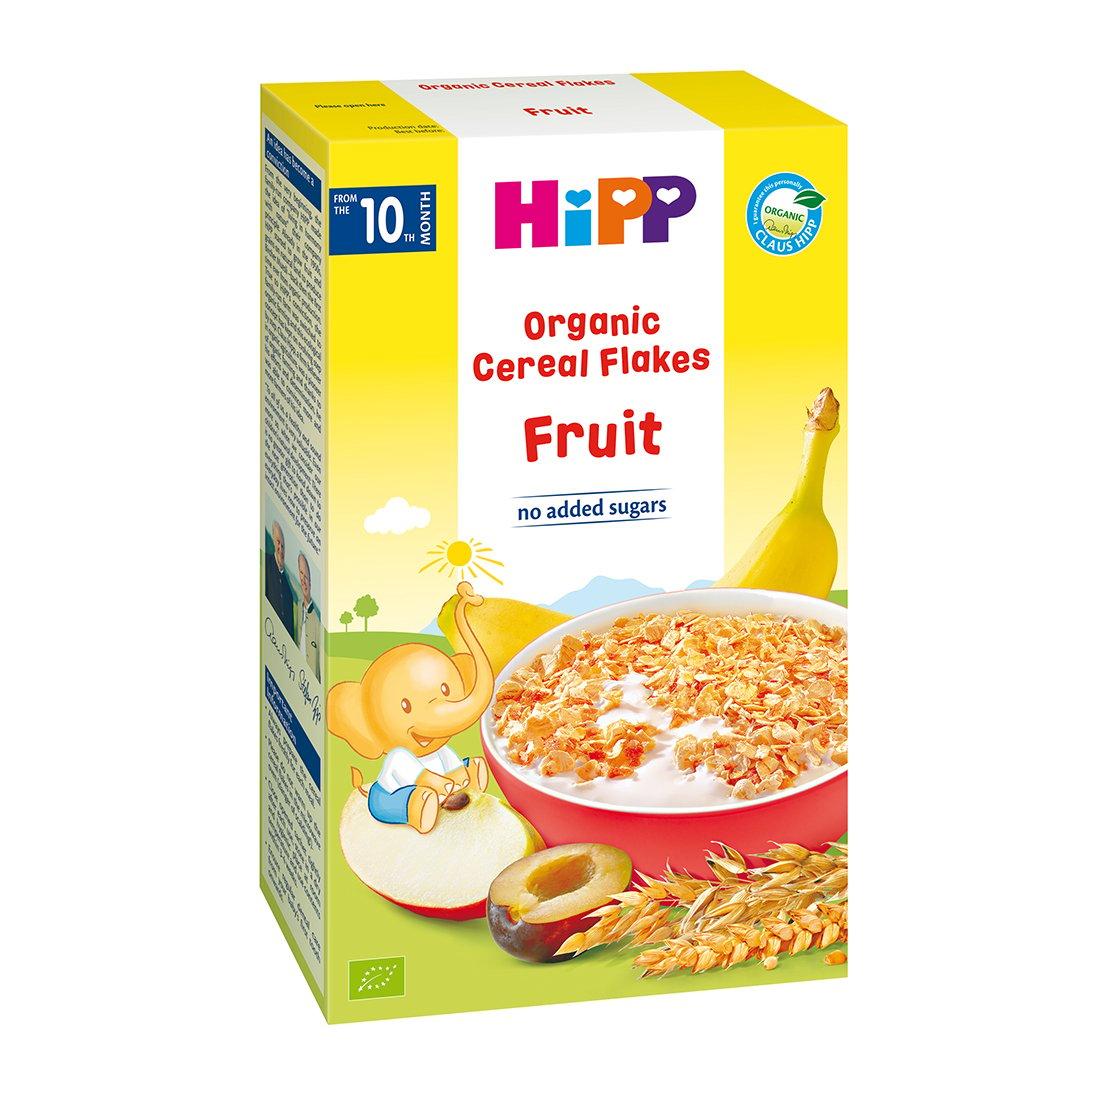 Fulgi de cereale ecologice Hipp - Fructe 200g imagine